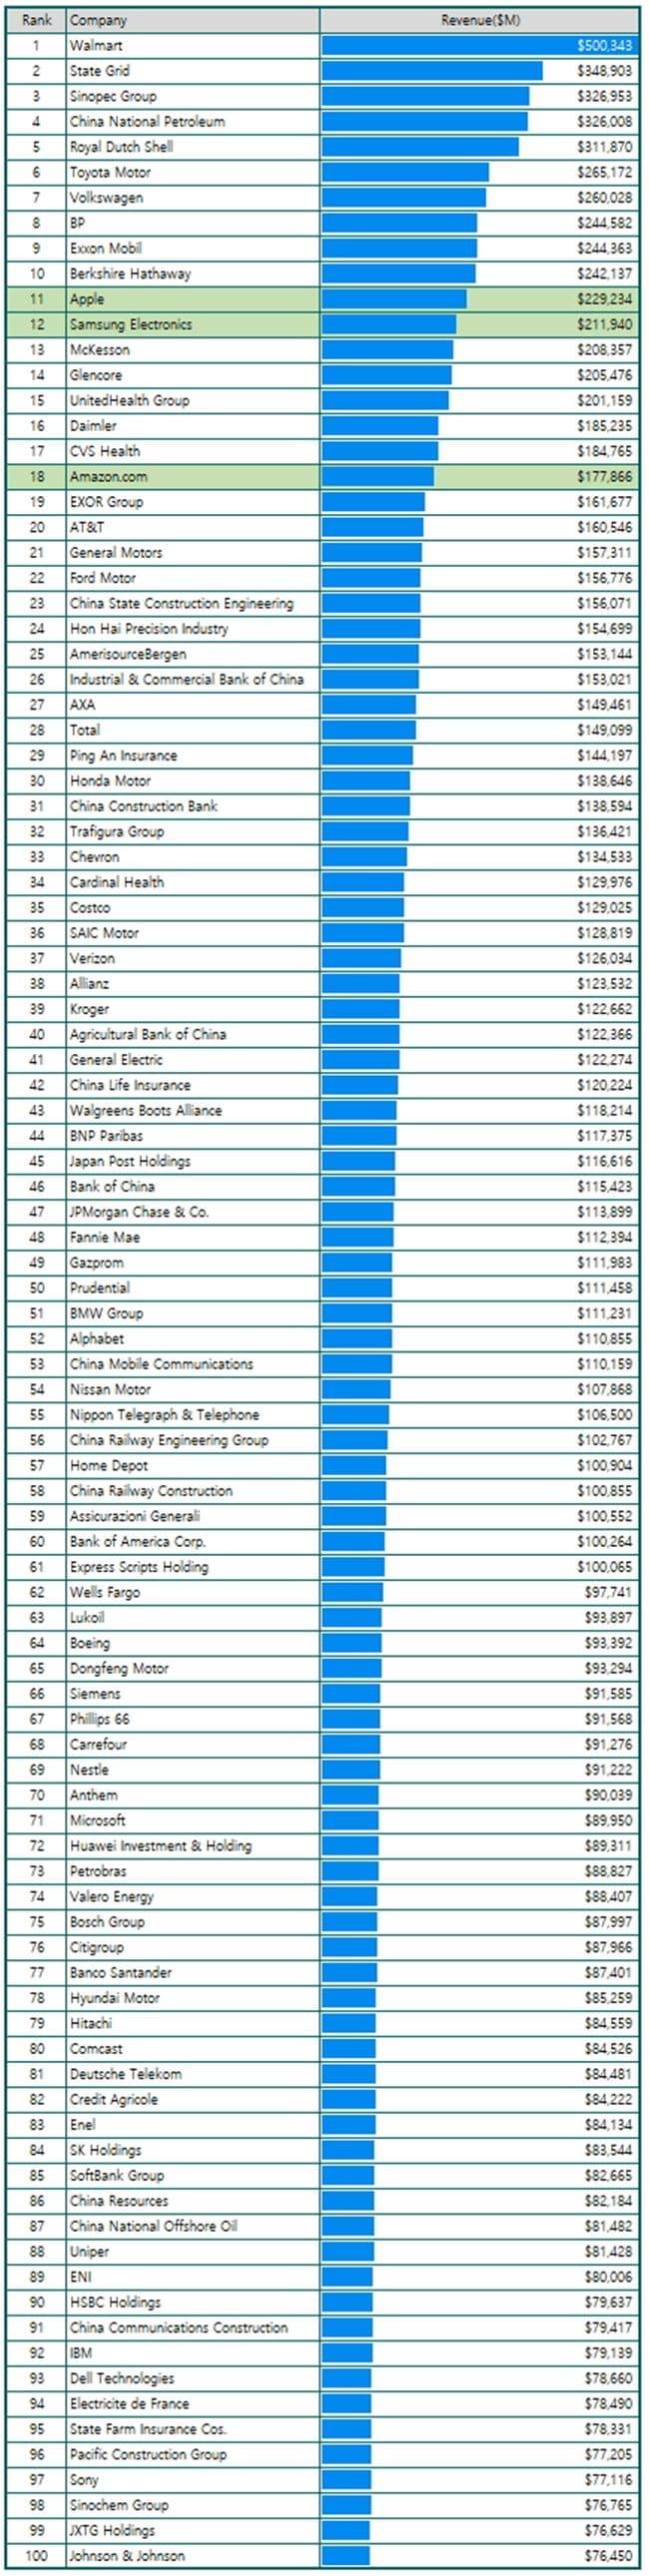 매출 기준 세계 100대 기업 리스트 Fortune Top 100 by Revenue 그래프 by Happist